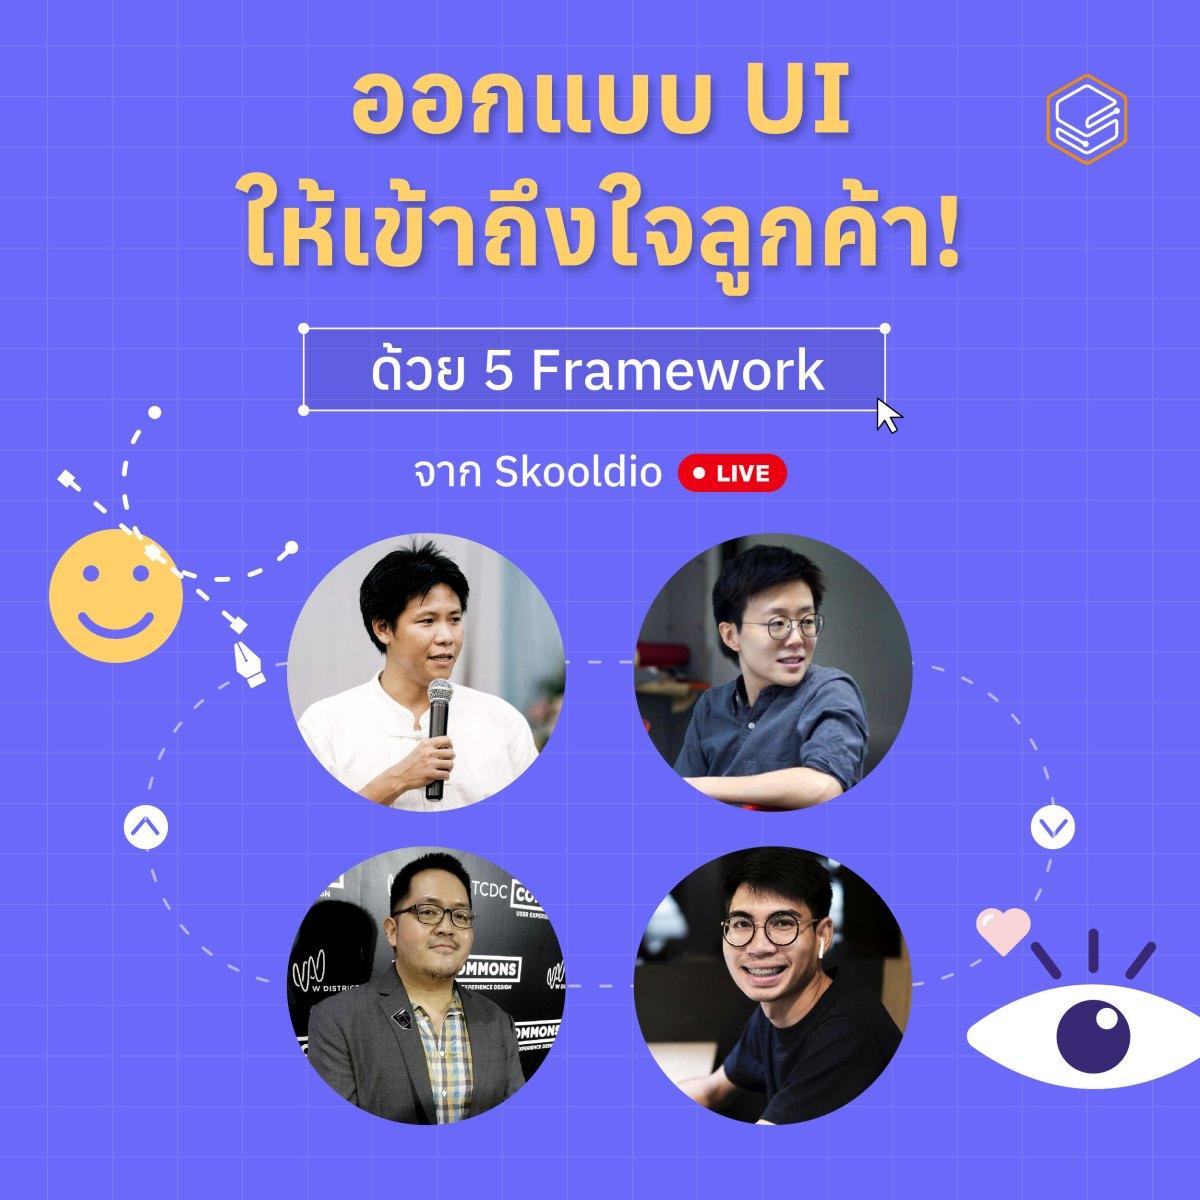 ออกแบบ UI ให้เข้าถึงใจลูกค้า! ด้วย 5 Framework   Skooldio Blog